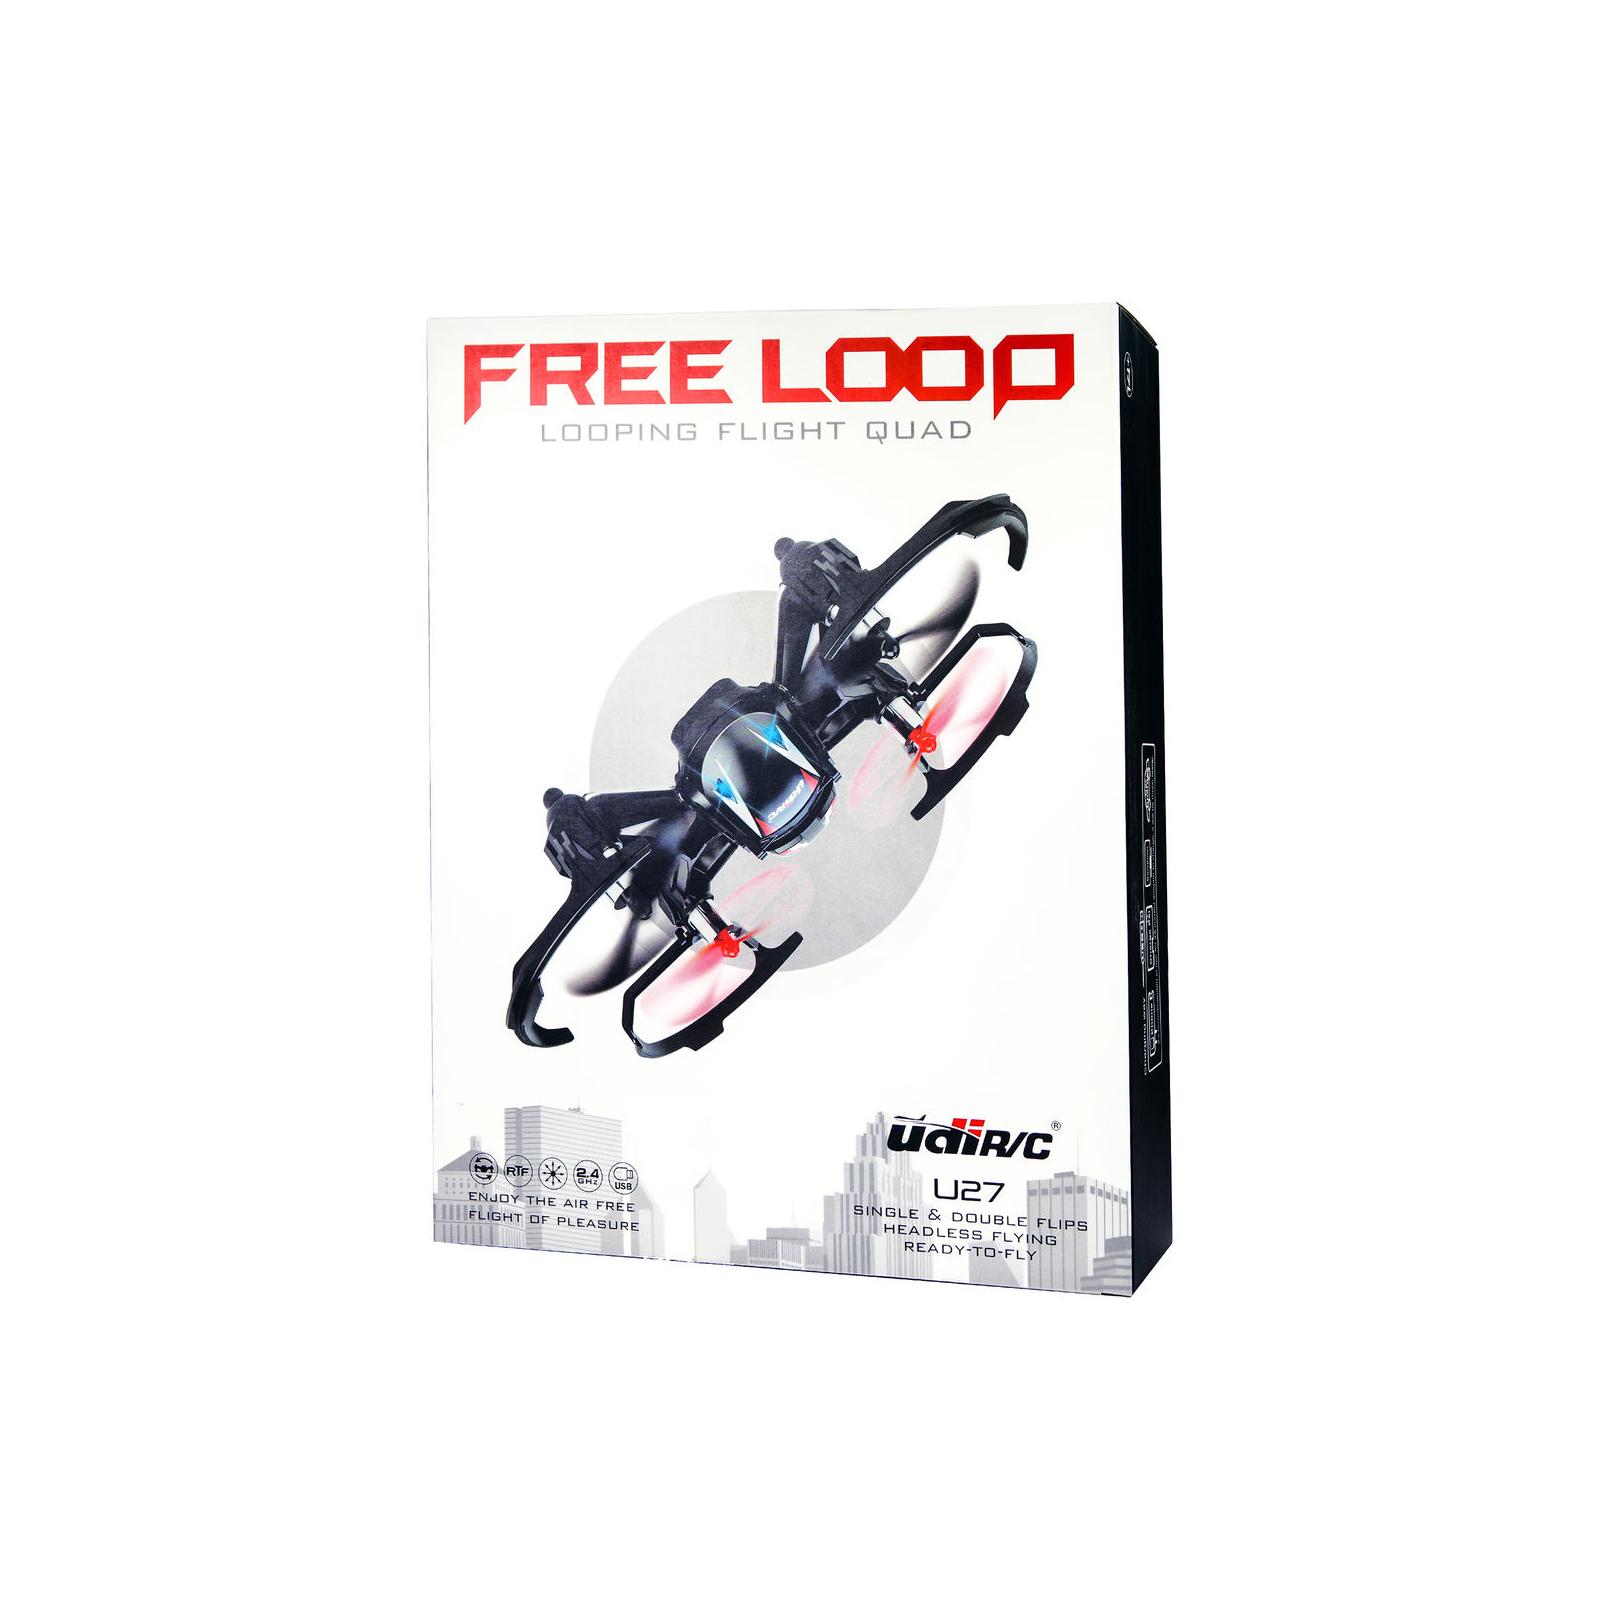 Квадрокоптер UDIRC U27 FREE LOOP 2,4 GHz 139 мм 4CH 3,7V 450mAh LiPo Battery (U27) изображение 8